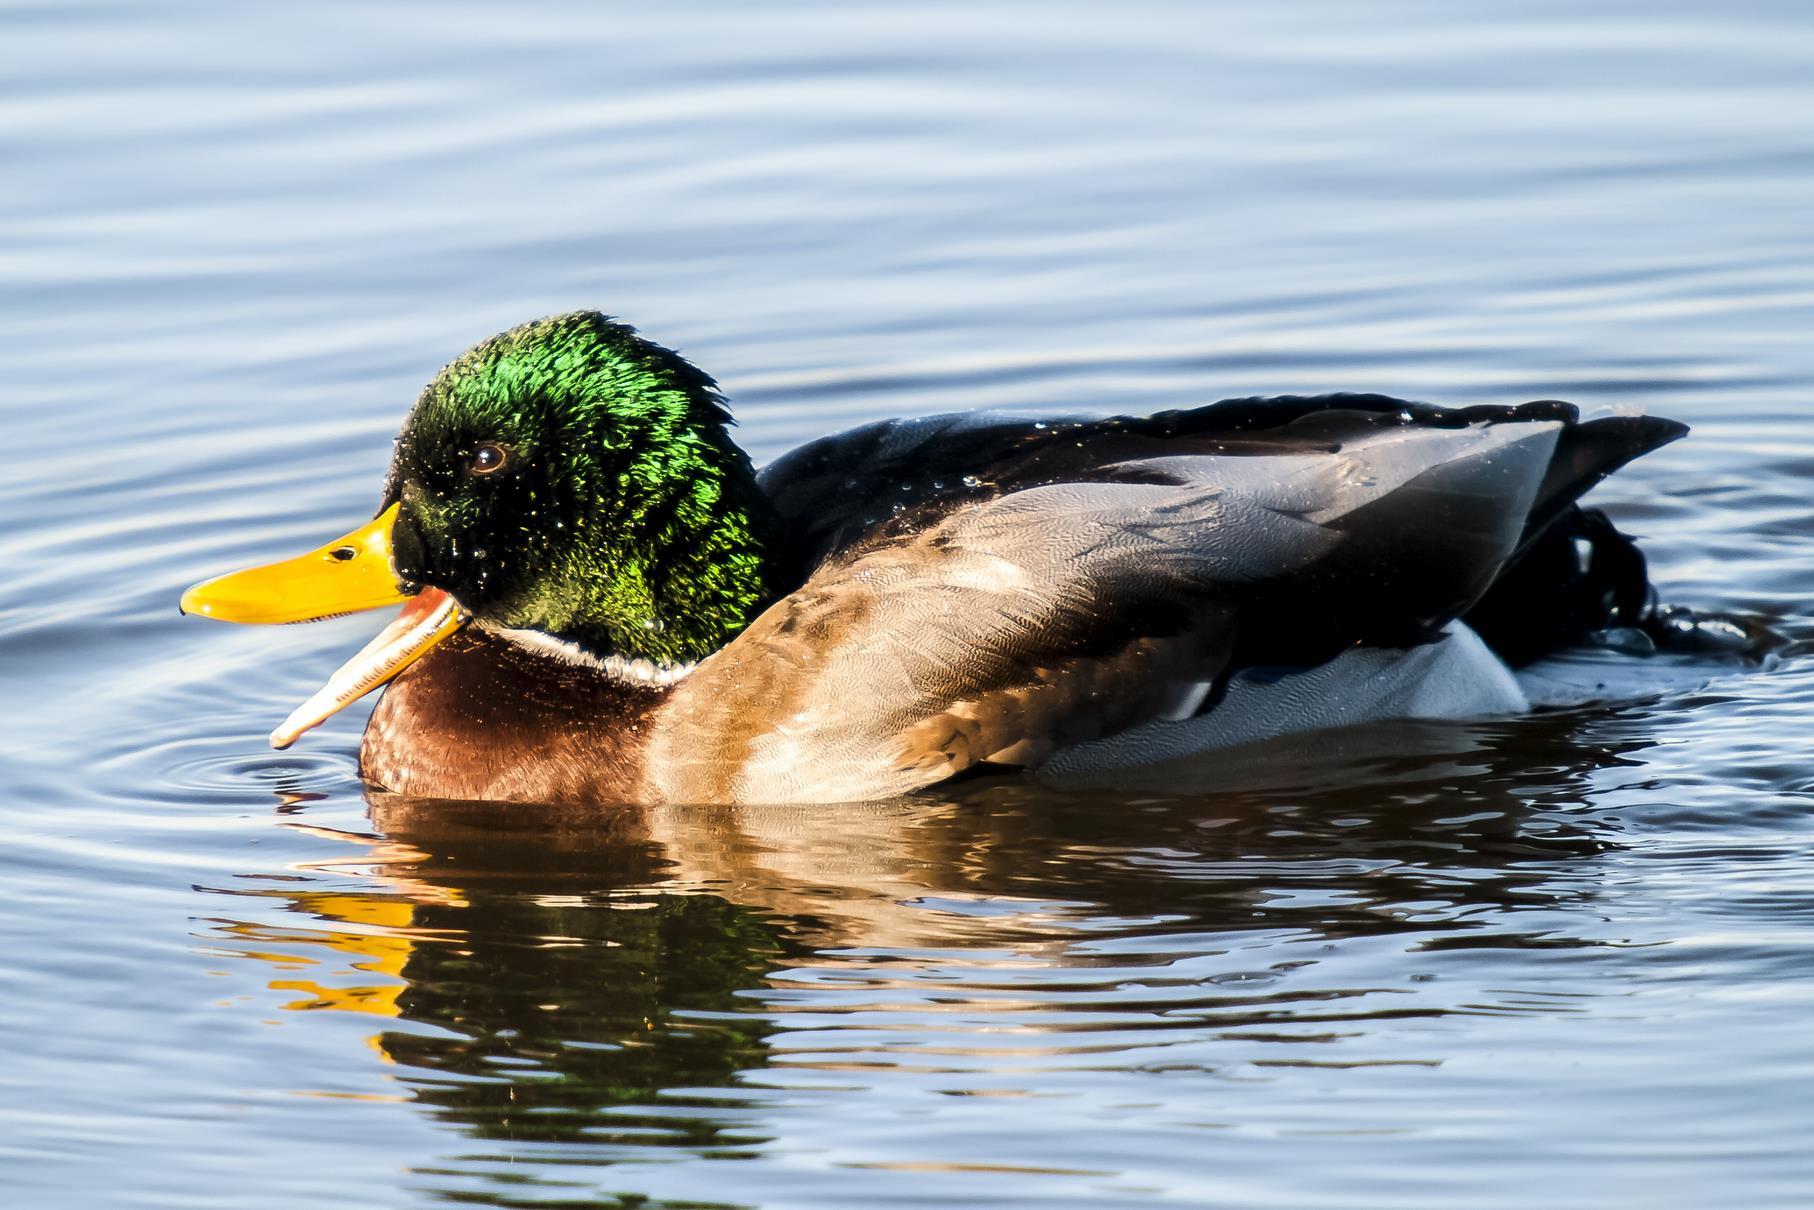 Ein Stockenten-Männchen im Wasser. Regelmäßig sind diese an den Teichen anwesend.